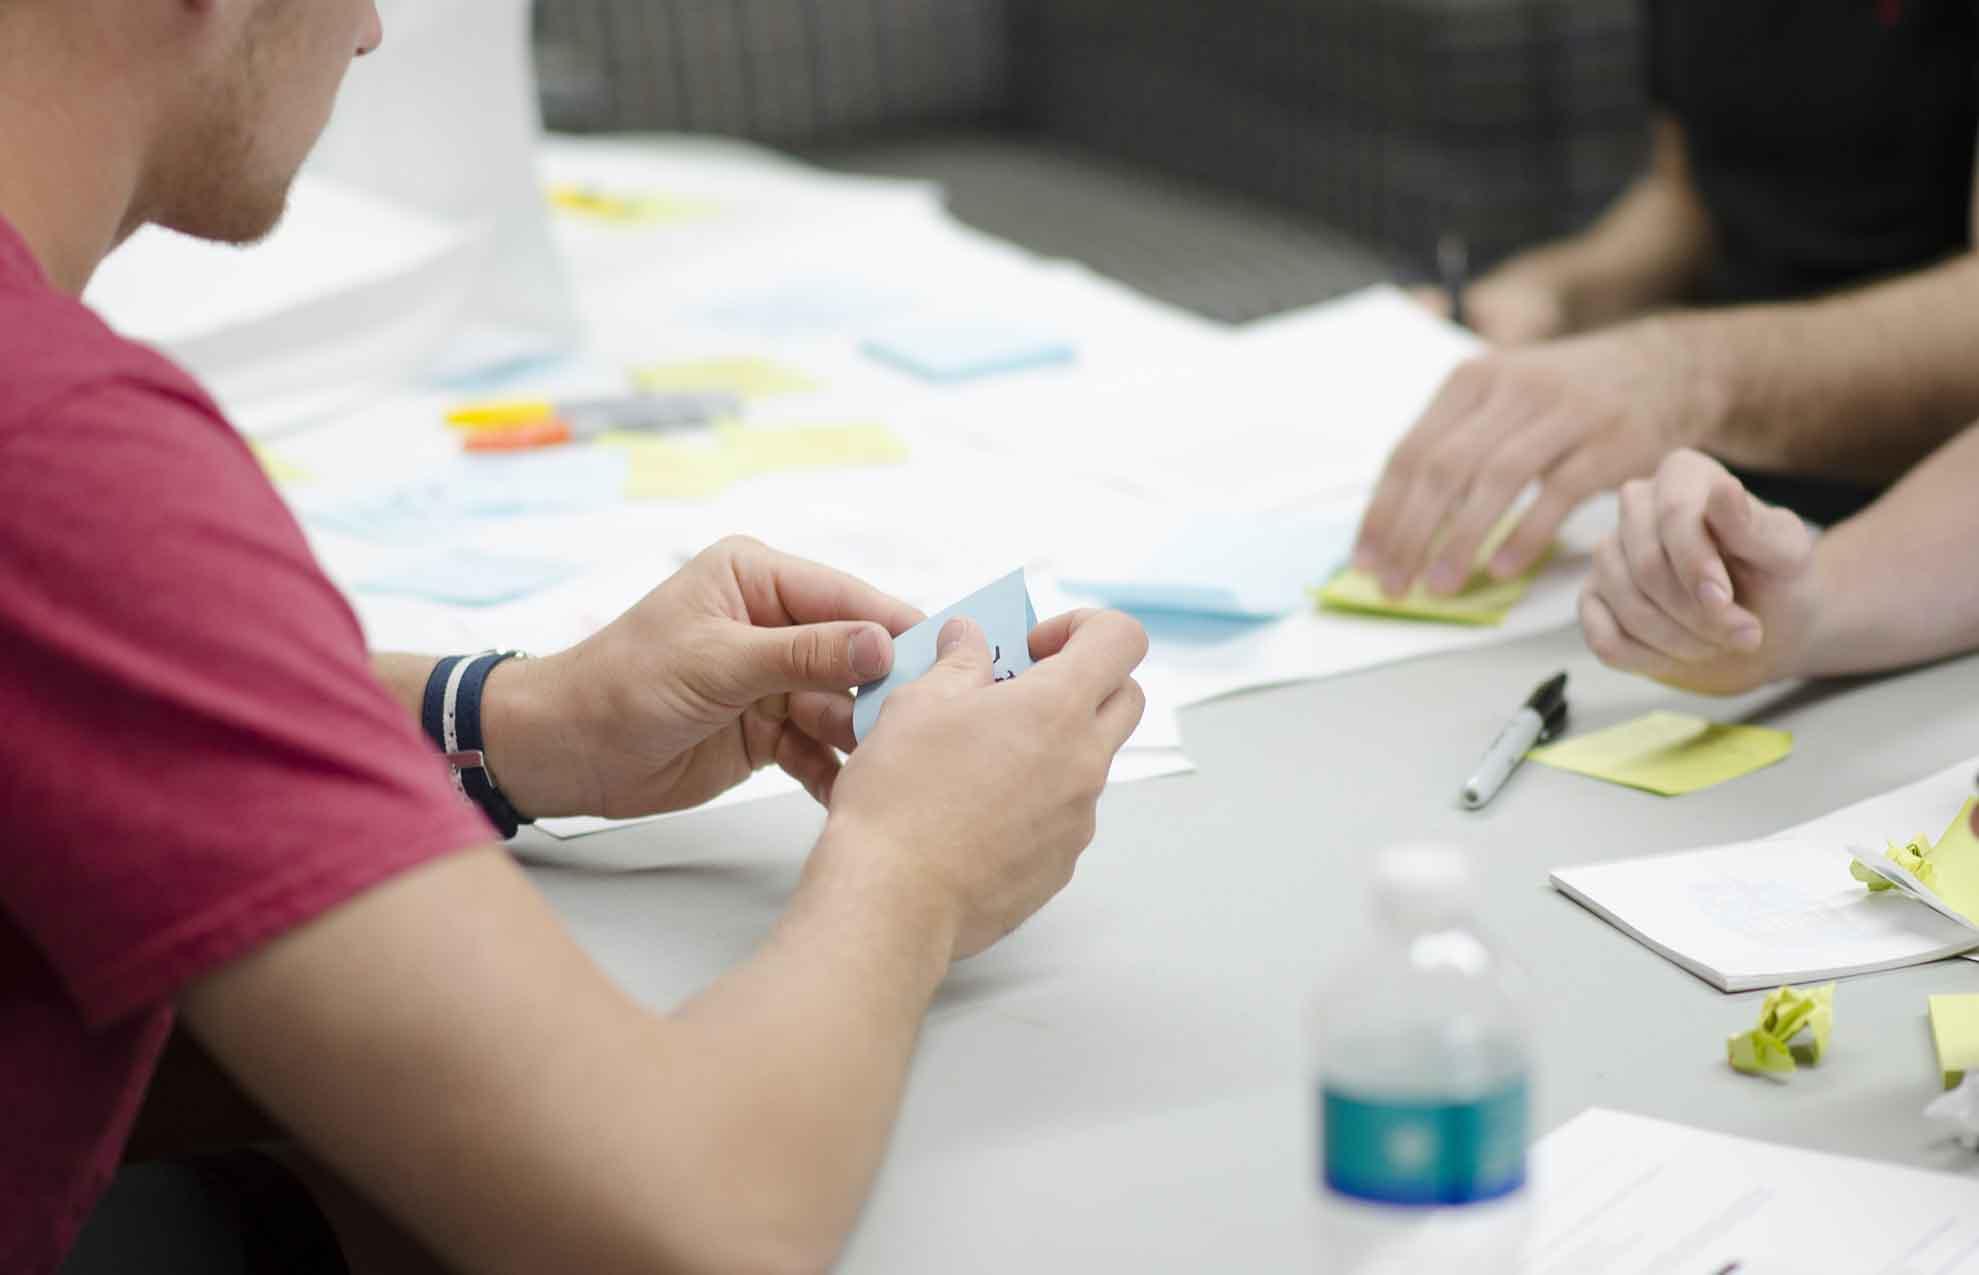 proceso creacion marca Barcelona - La importancia del branding en tu estrategia de marketing digital